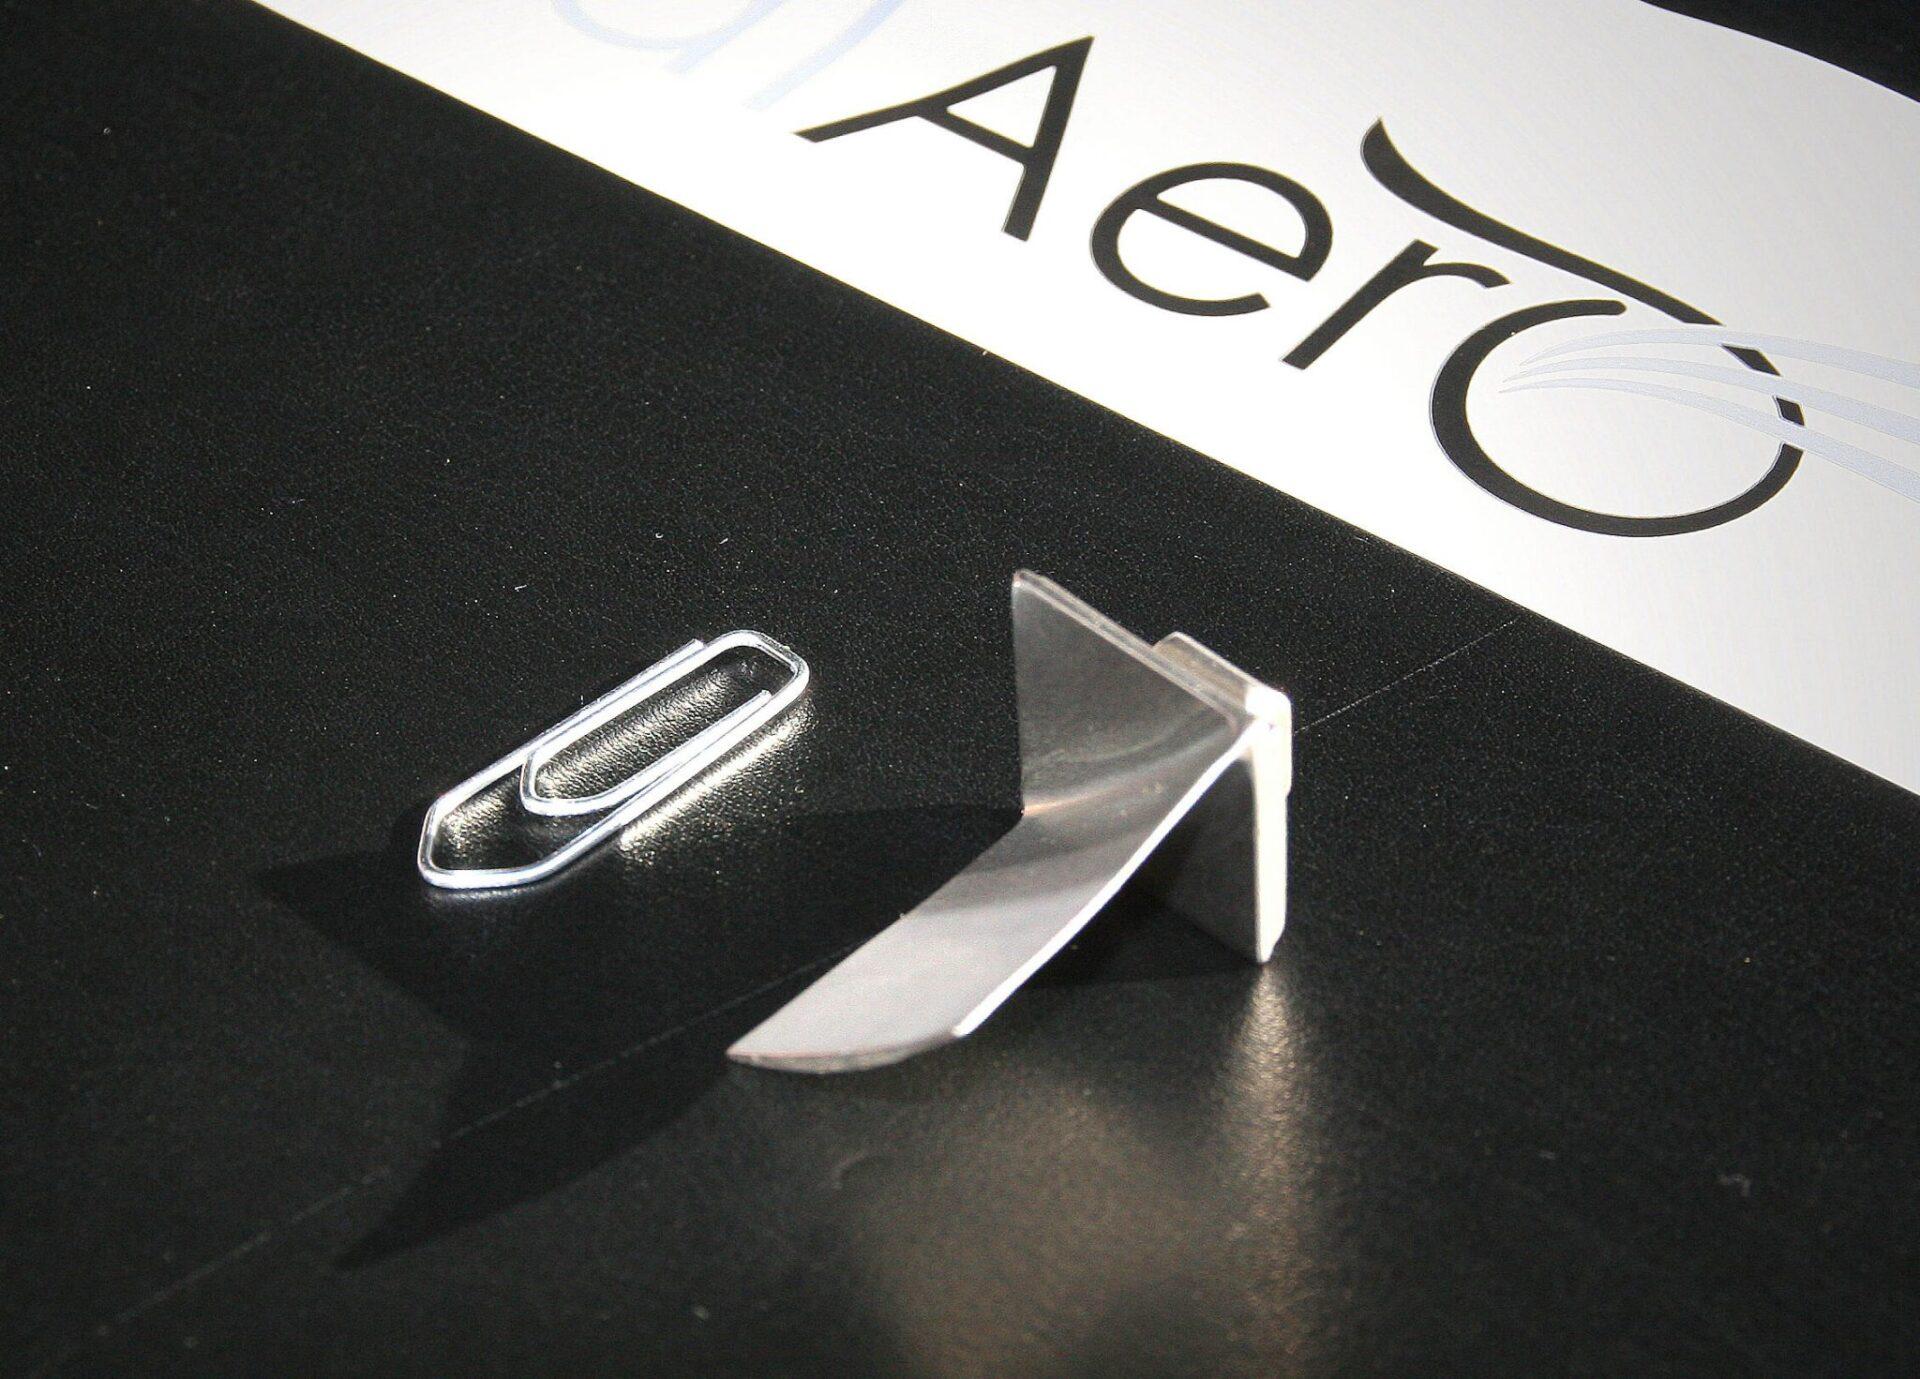 finden pr fen kaufen erster transparenter online shop f r flugzeug ersatzteile sprachperlen. Black Bedroom Furniture Sets. Home Design Ideas